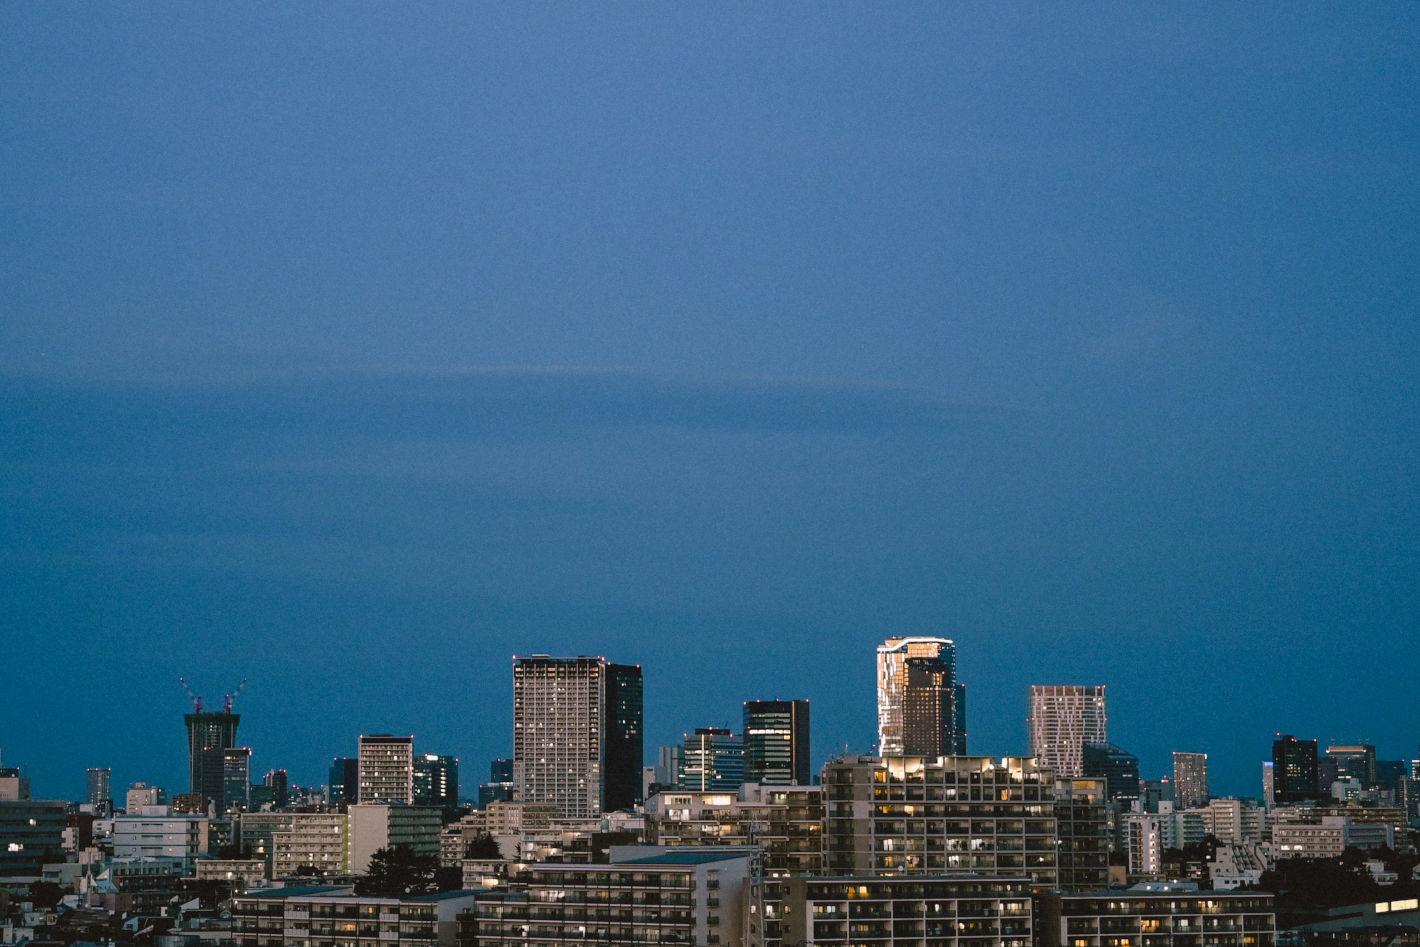 photo by 嵐田大志/Z 6、NIKKOR Z 50mm f/1.8 S